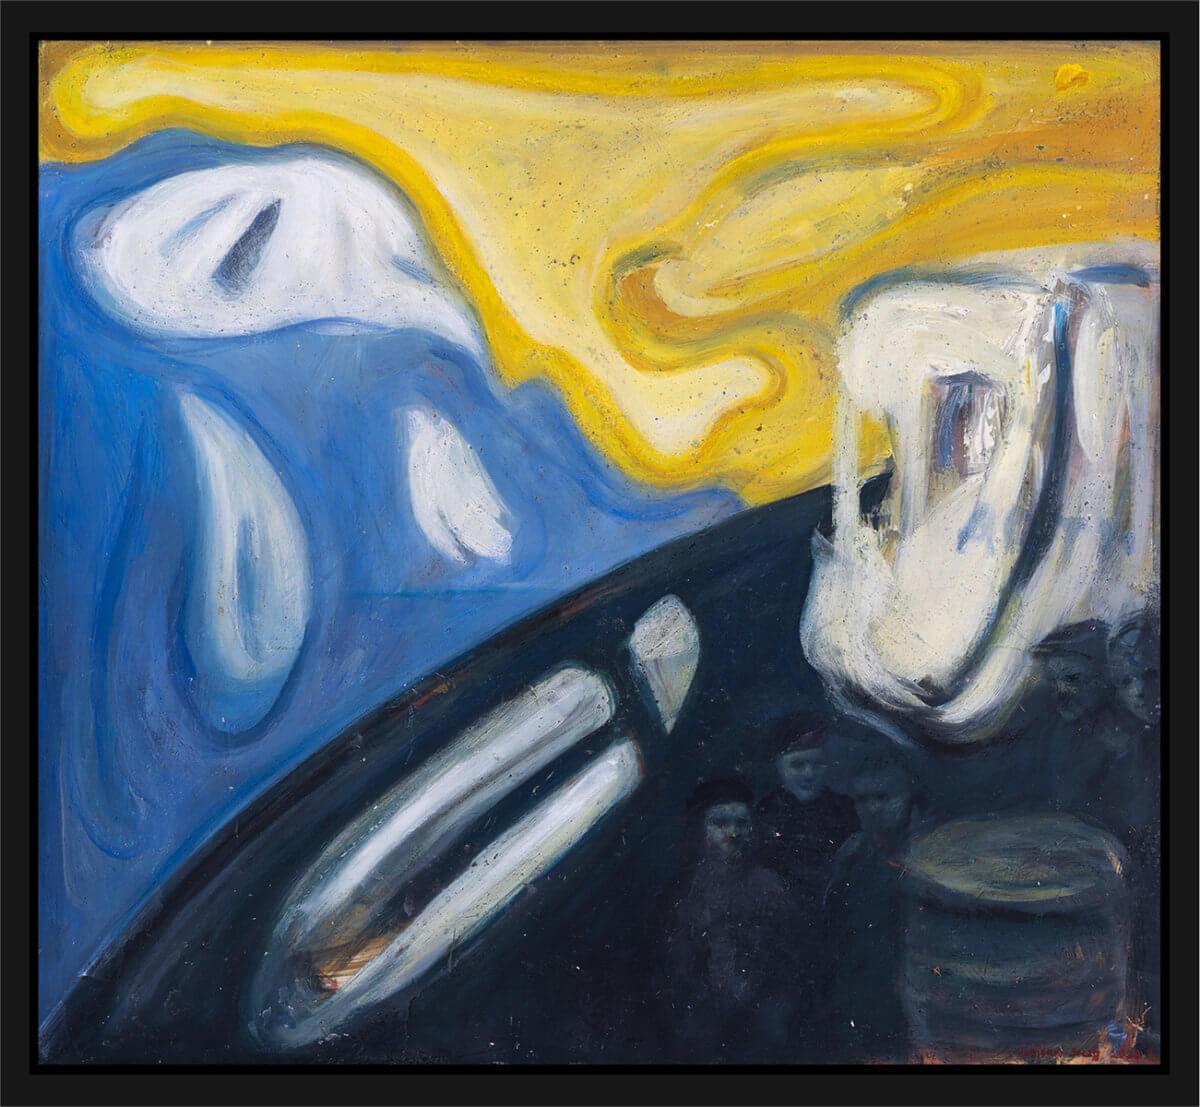 Gutta på Skauen i en fiskebåt, malt med flammende farger og urolig linjeføring. Akryl på plate, maleri av Vebjørn Sand.